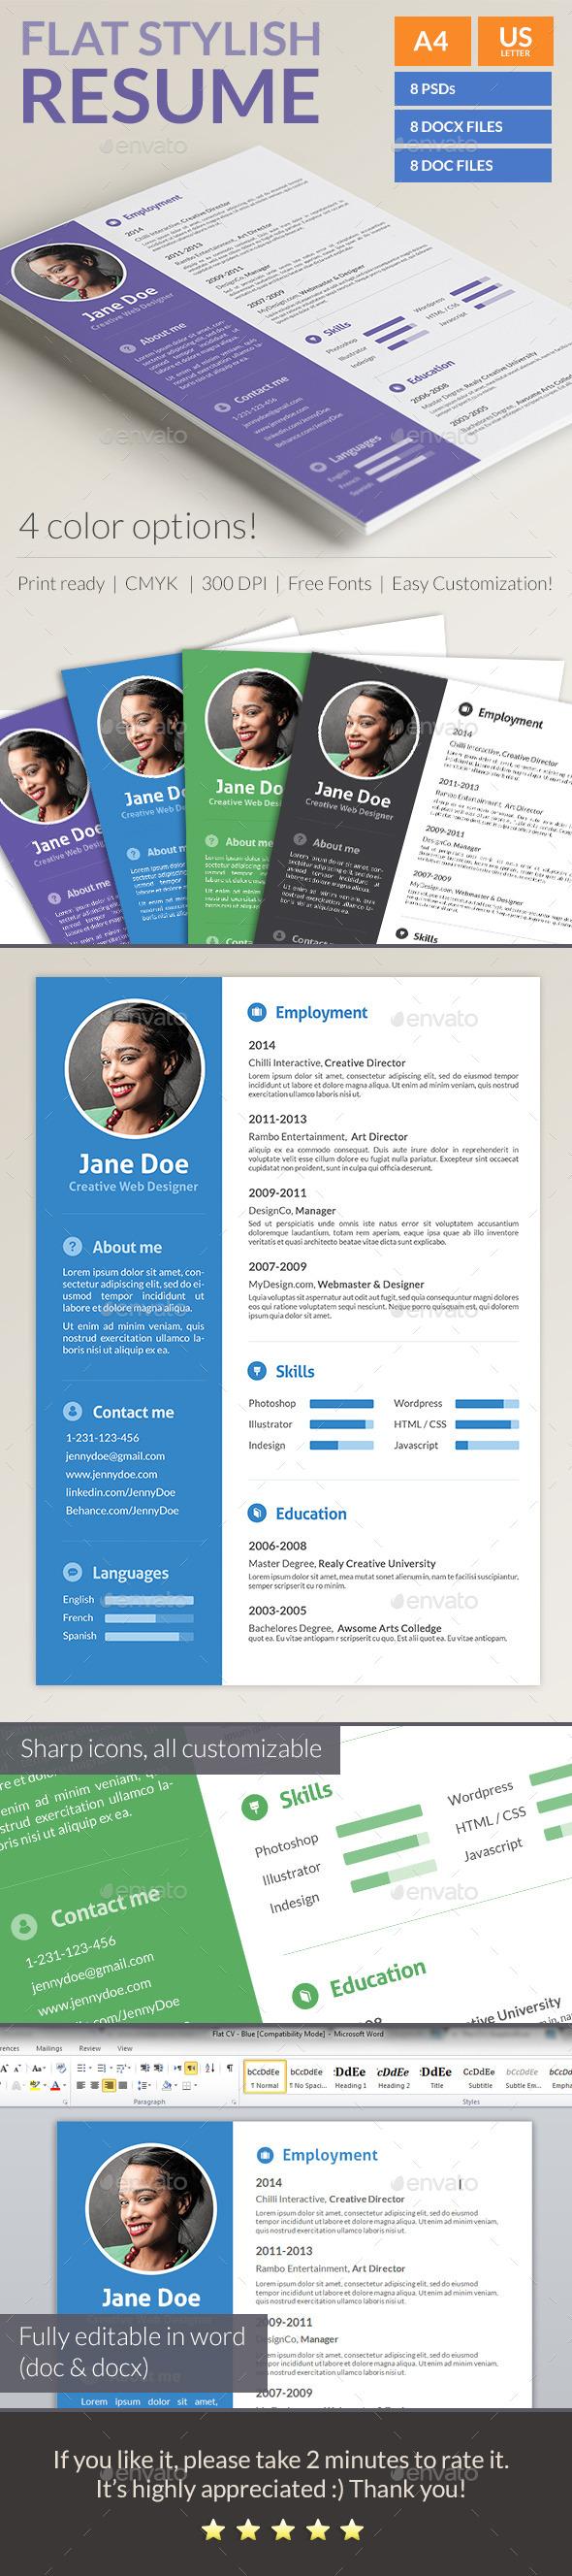 Stylish Flat Resume - Resumes Stationery